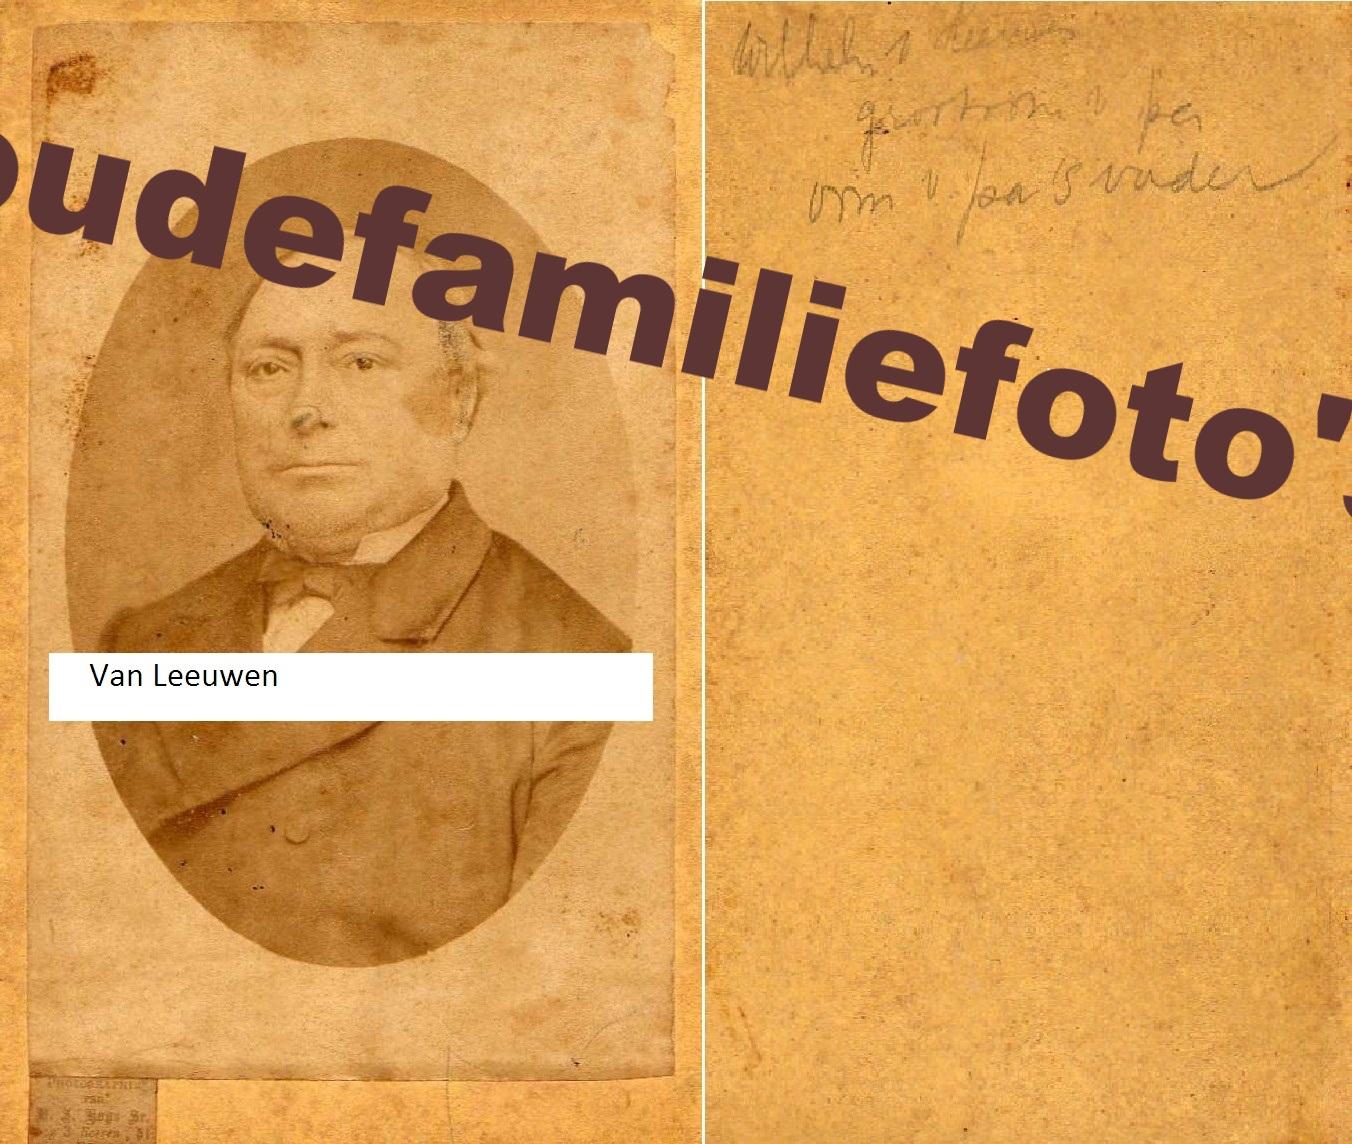 Leeuwen van, Wilhelmus geb. (7)-5-1818 Den-Haag. Zoon van Gerrit en Pieternelletje Parlevliet. € 4,00